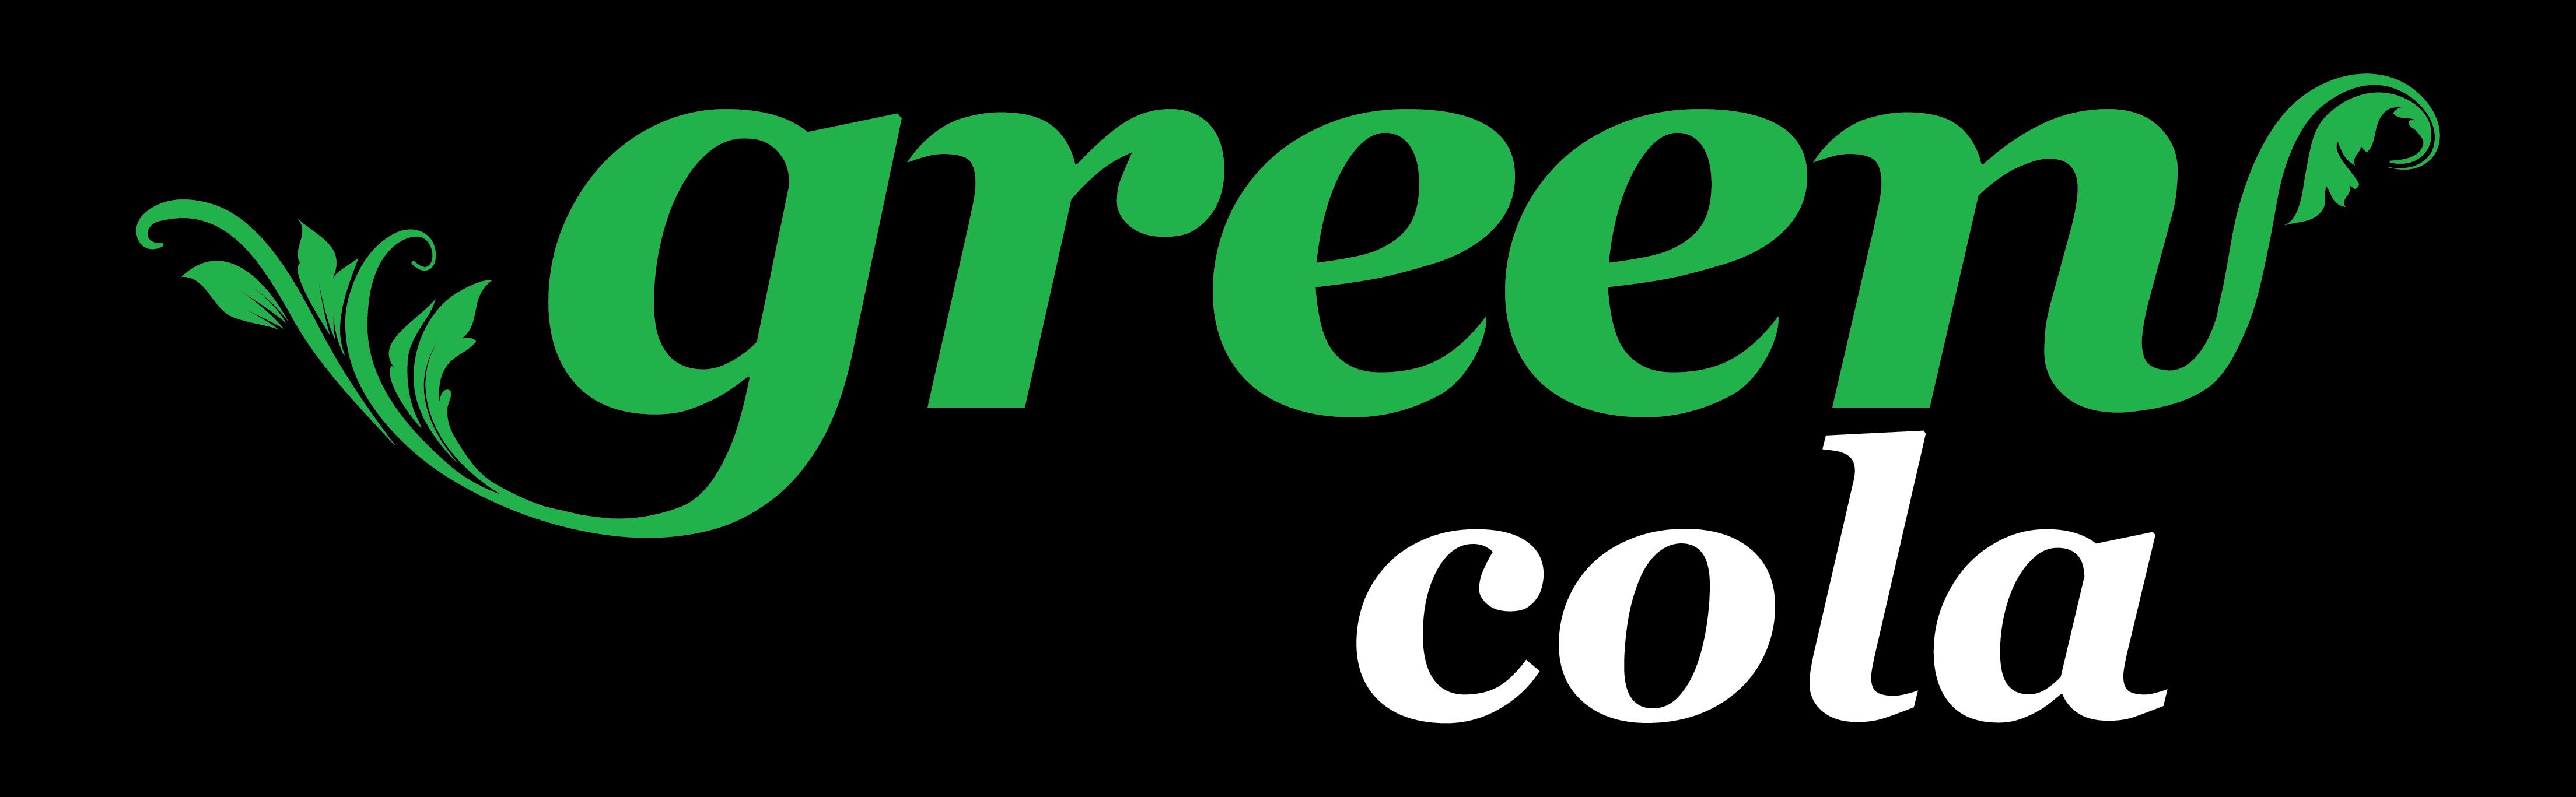 abenteuerreich, erlebnistouren, green cola, sportlergetränk